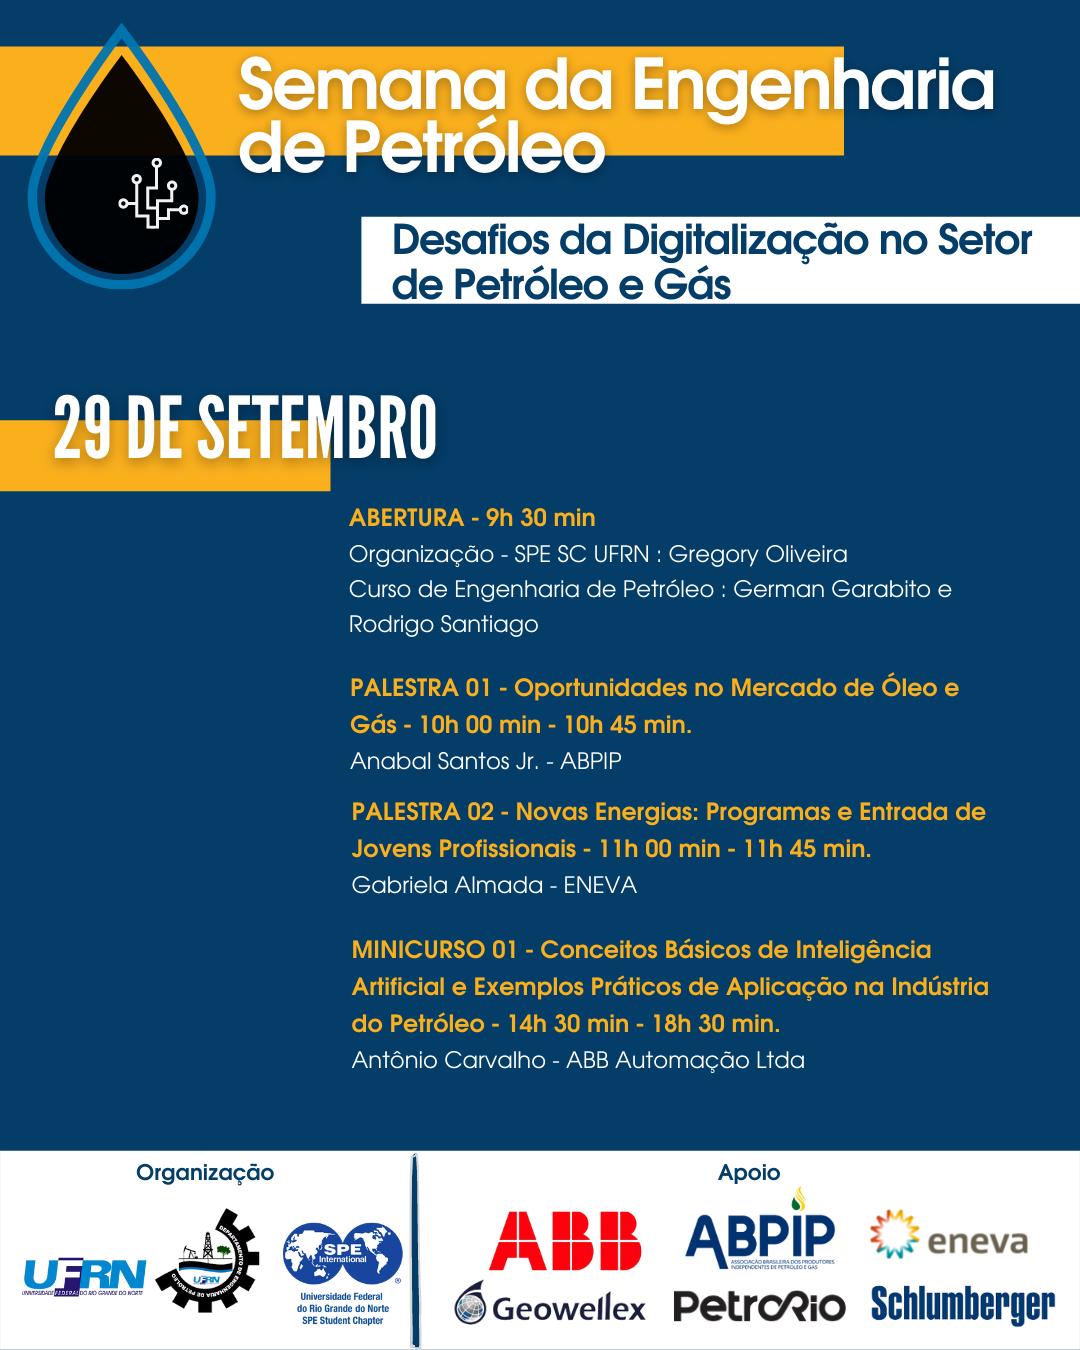 SEMANA DA ENGENHARIA DE PETRÓLEO: DESAFIOS DA DIGITALIZAÇÃO NO SETOR DE PETRÓLEO E GÁS